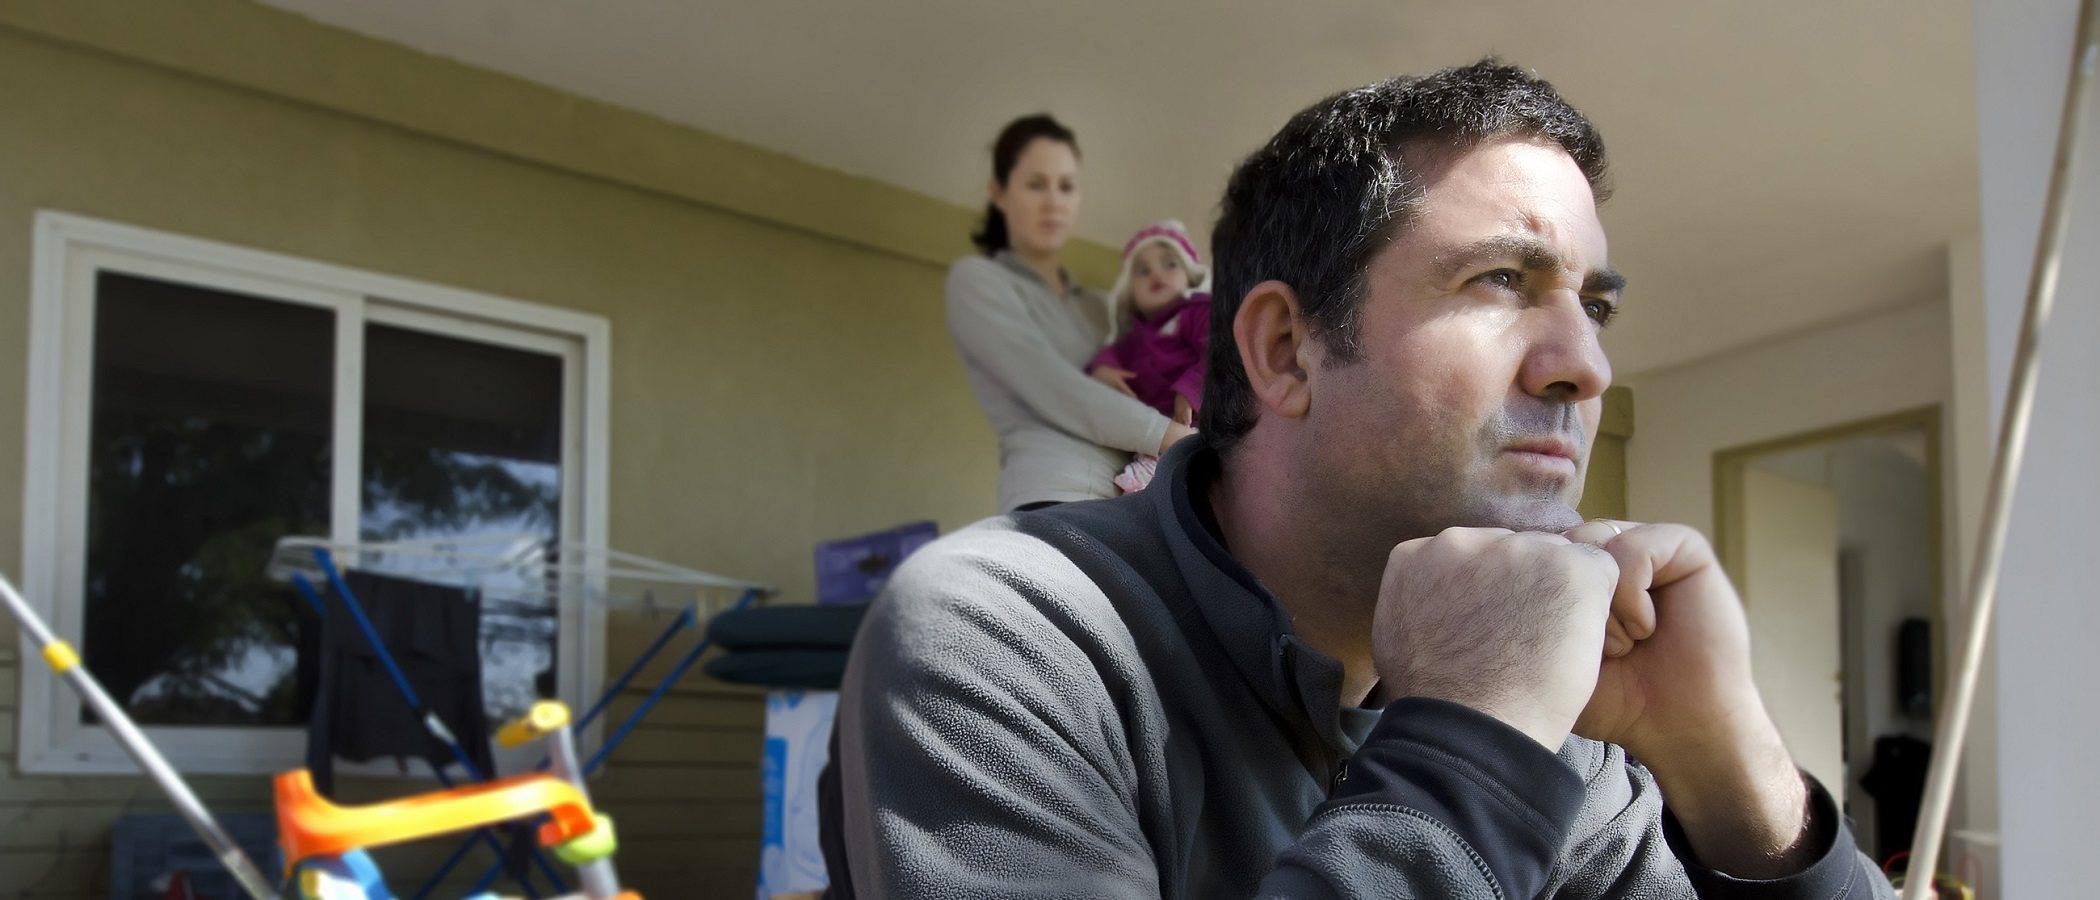 Mentiras sobre los padres que se quedan en casa